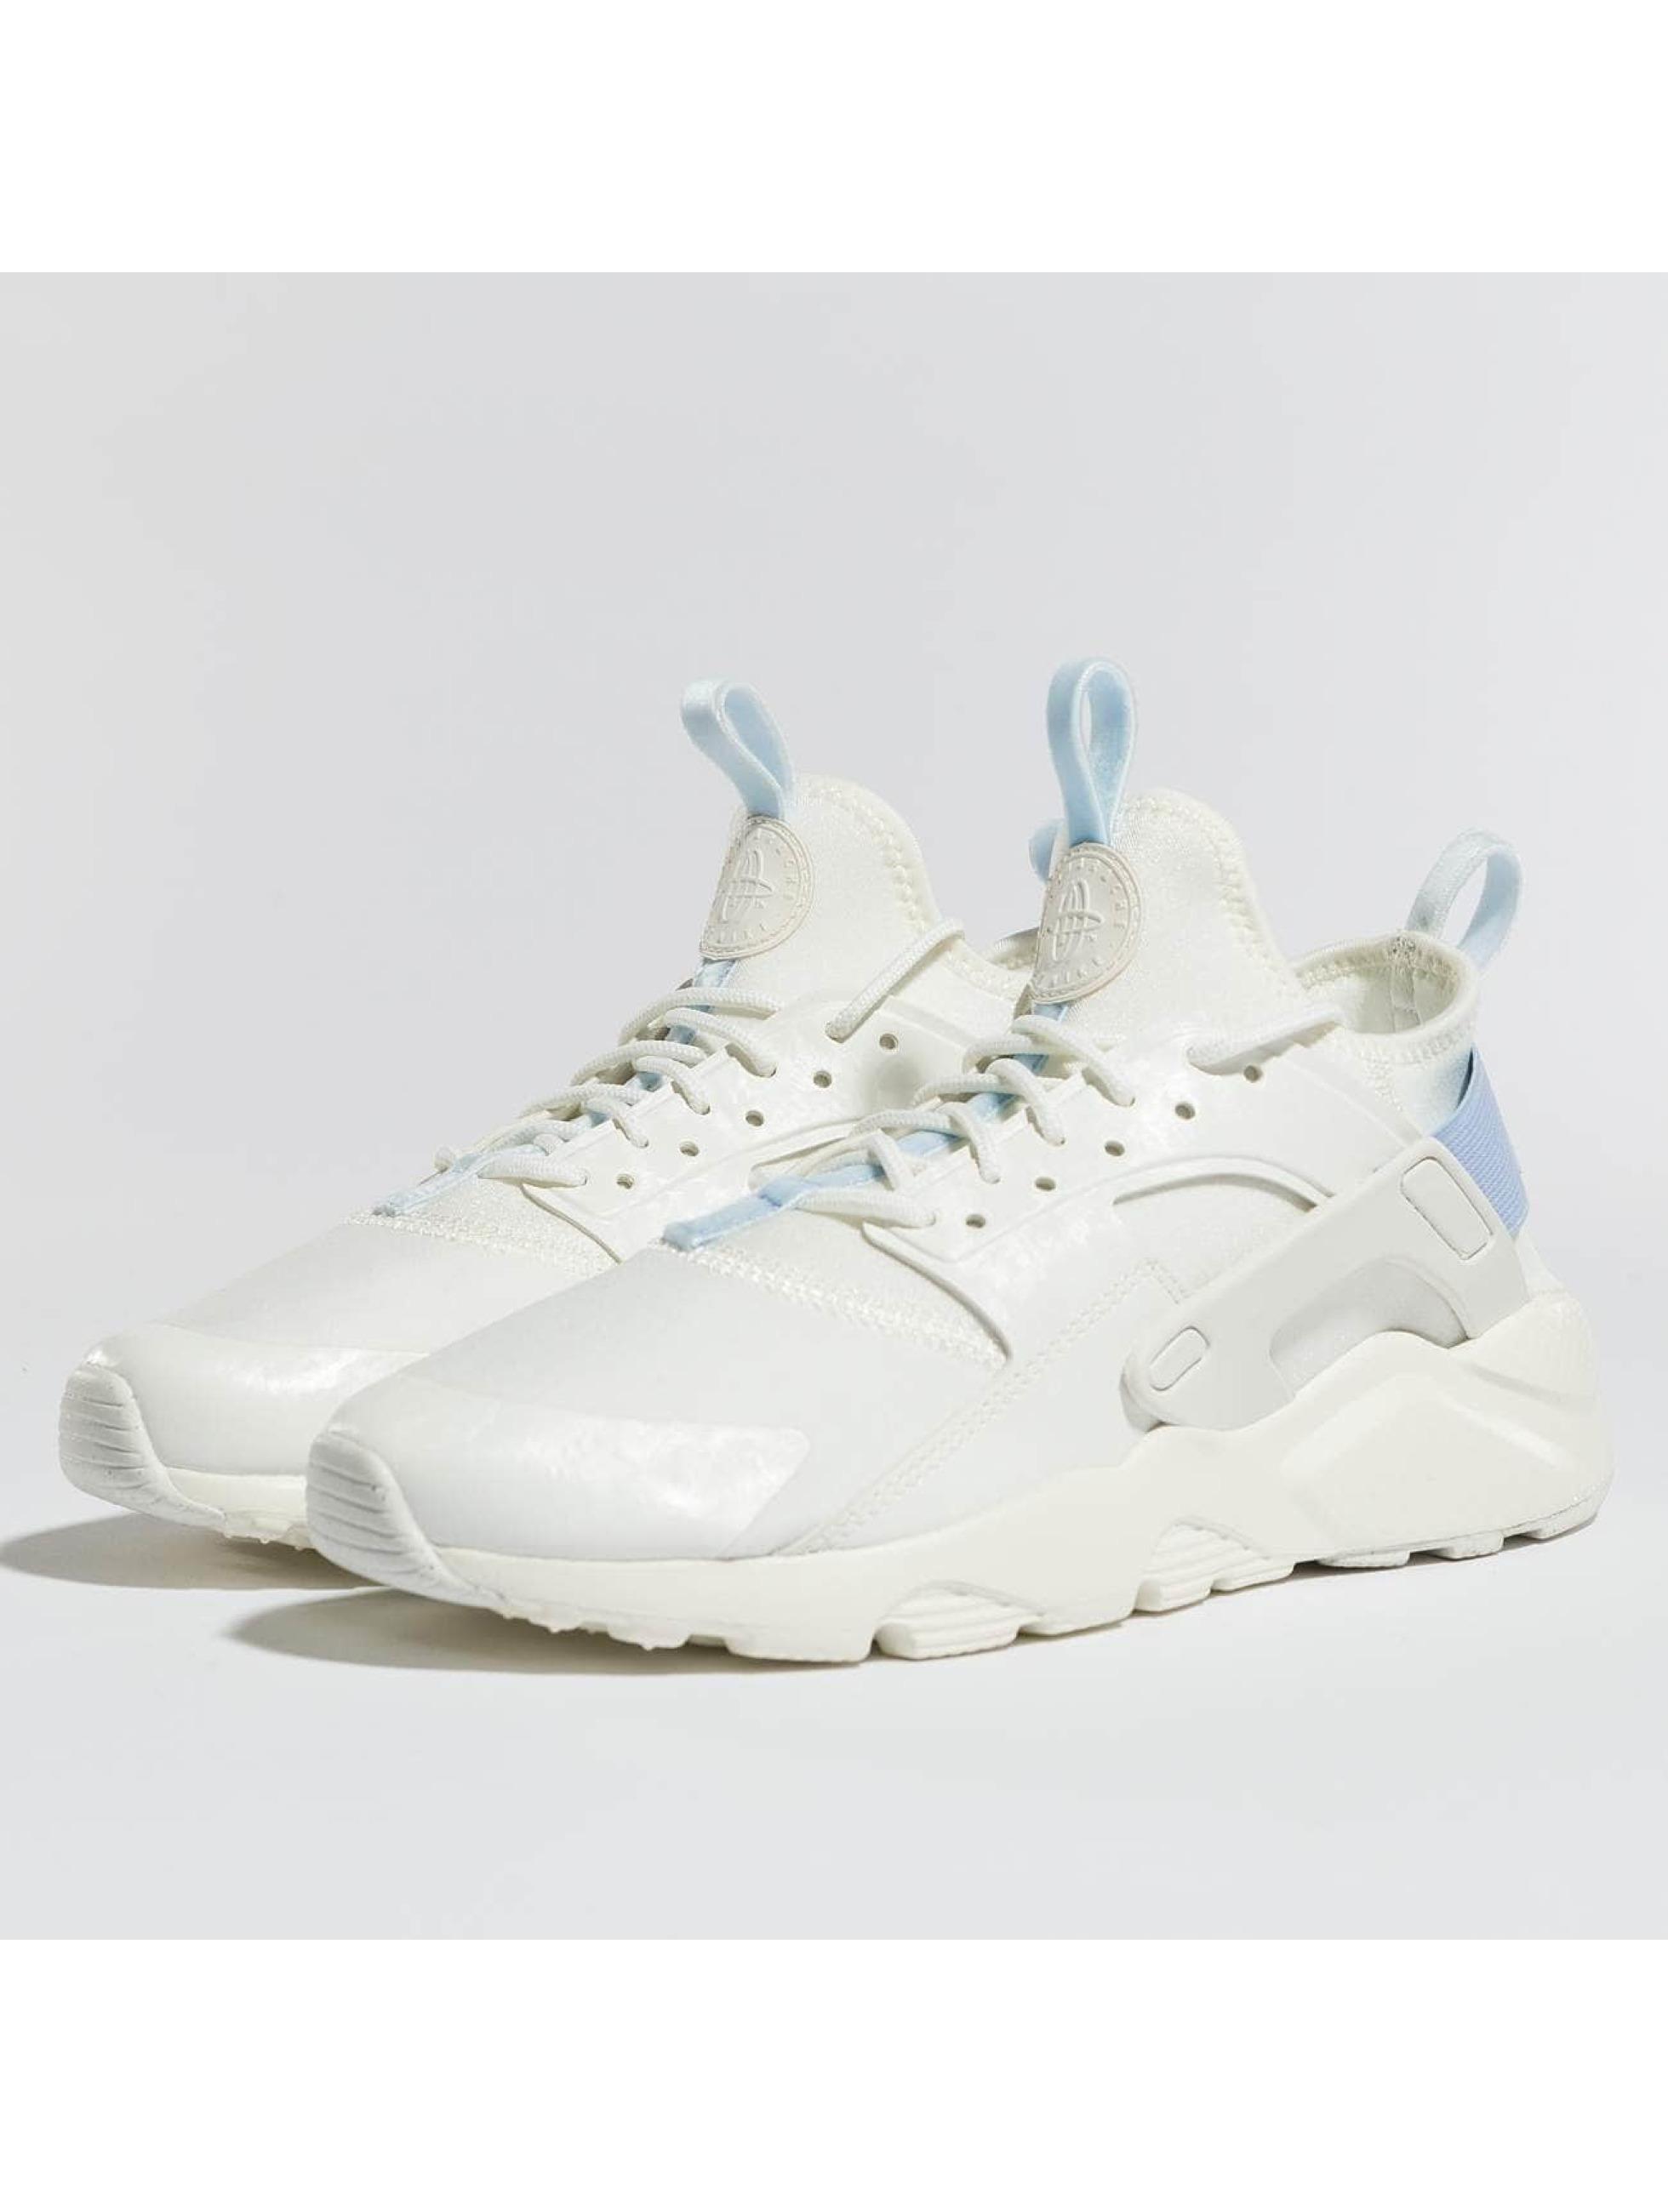 the best attitude 01a39 a5286 australia nike air huarache womens shoe a4c28 0c7a6  uk nike sneakers air  huarache run ultra blå 857a6 c0642